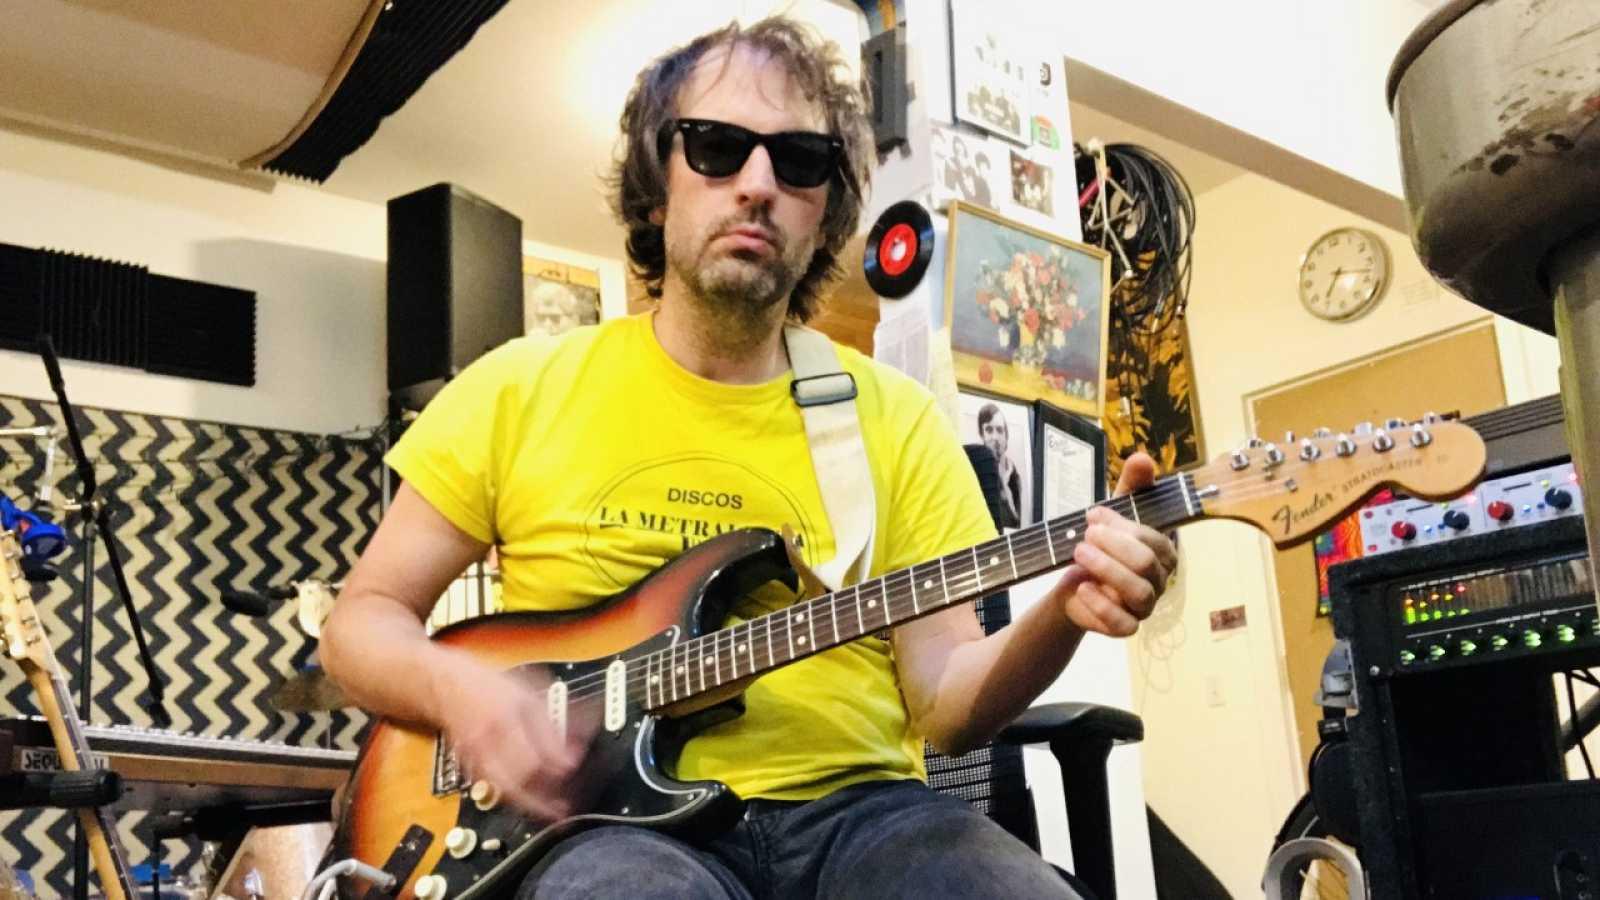 El sótano - La artesanía pop de Kelley Stoltz y el punk de los Nervous Eaters - 16/02/21 - escuchar ahora